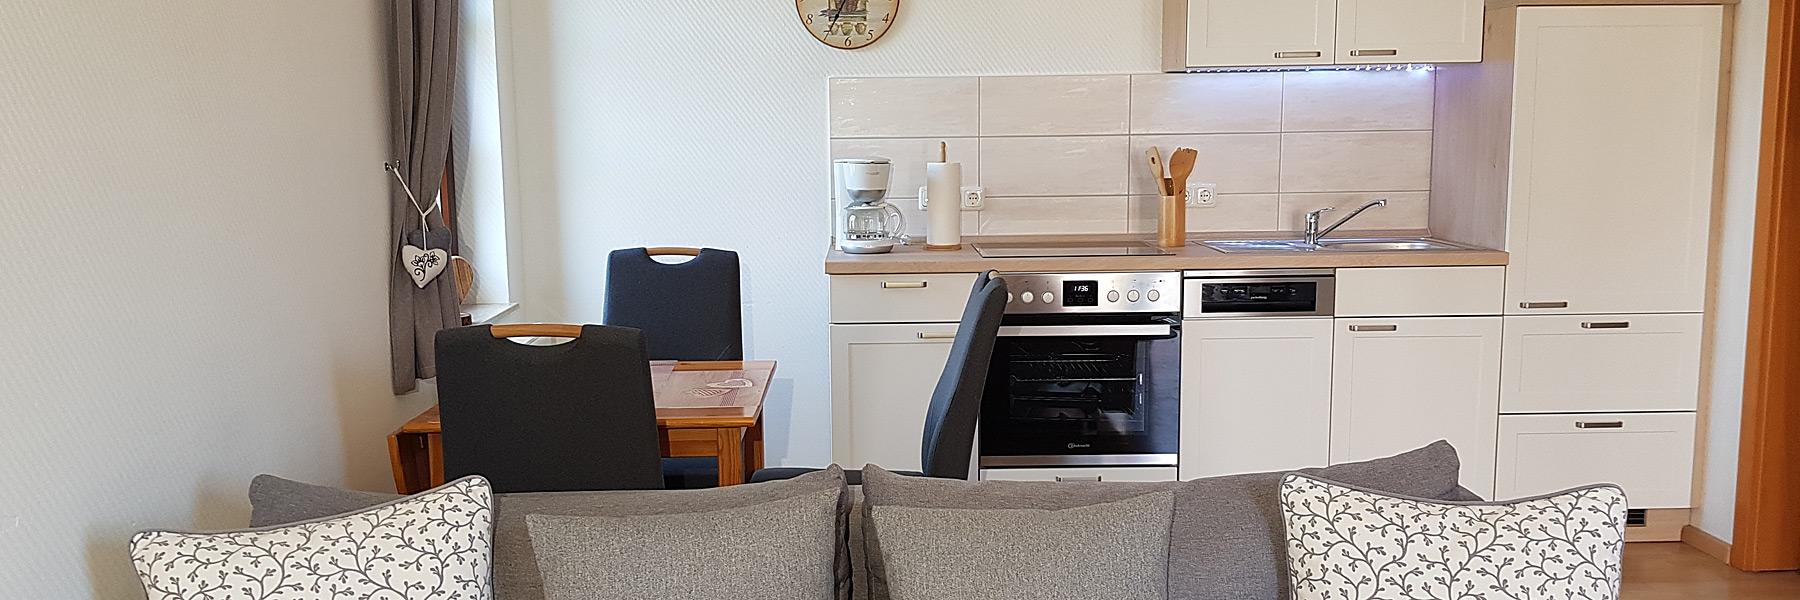 Wohnraum mit Küche - Ferienwohnungen Oliver Stechow